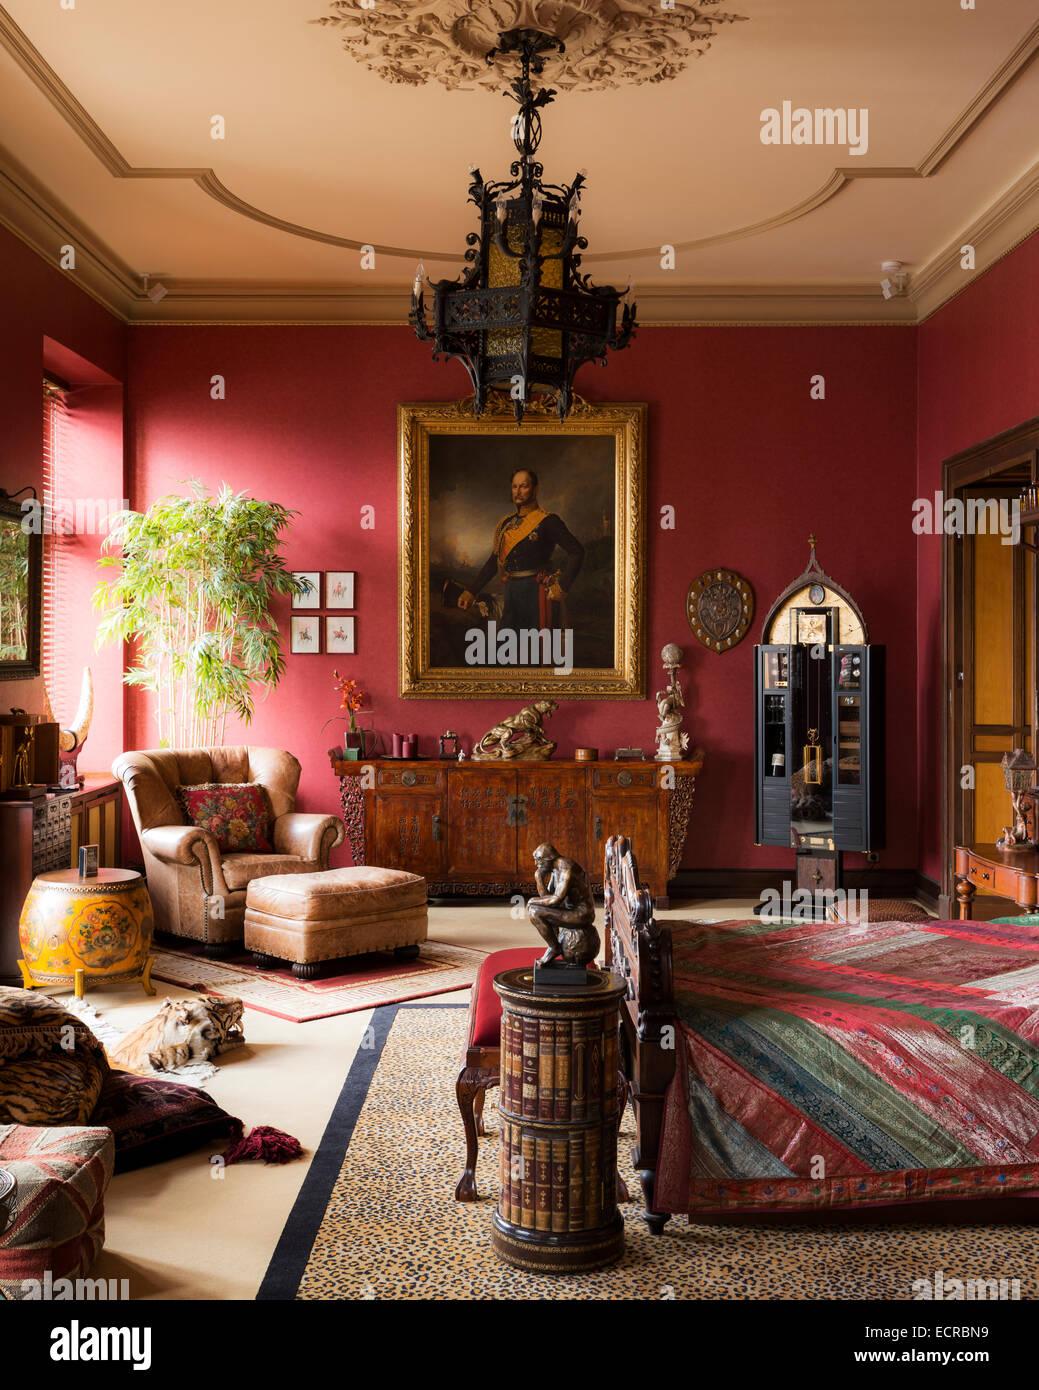 Große rotes Schlafzimmer mit Leopard print Teppich, vergoldete ...